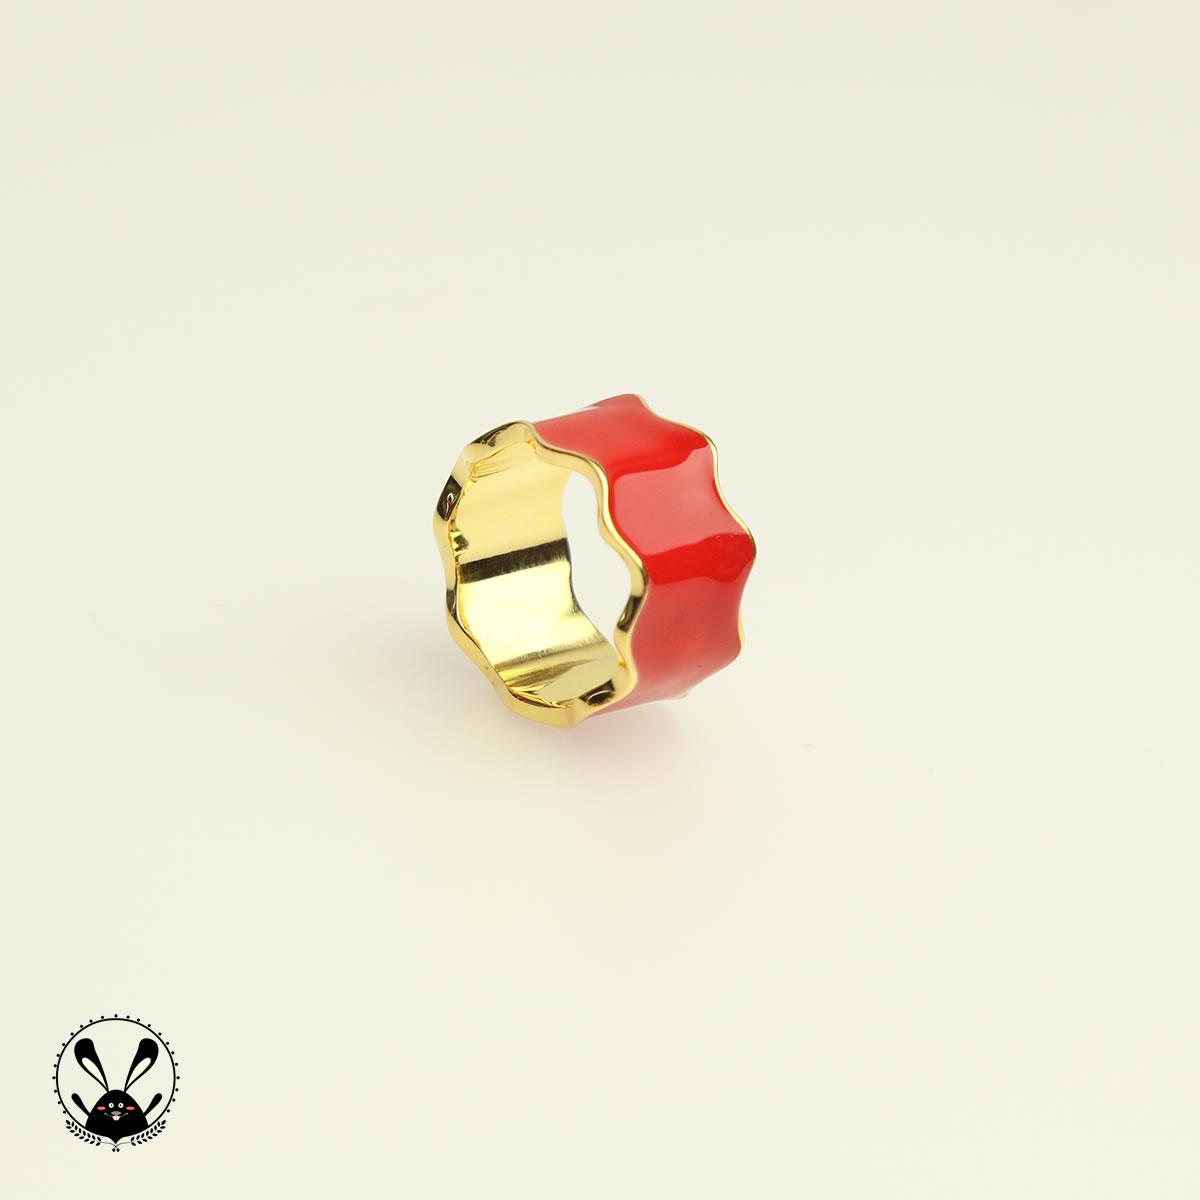 原创珠宝设计设计师杨sir五福星925纯银戒指女耳钉送礼跨境专用